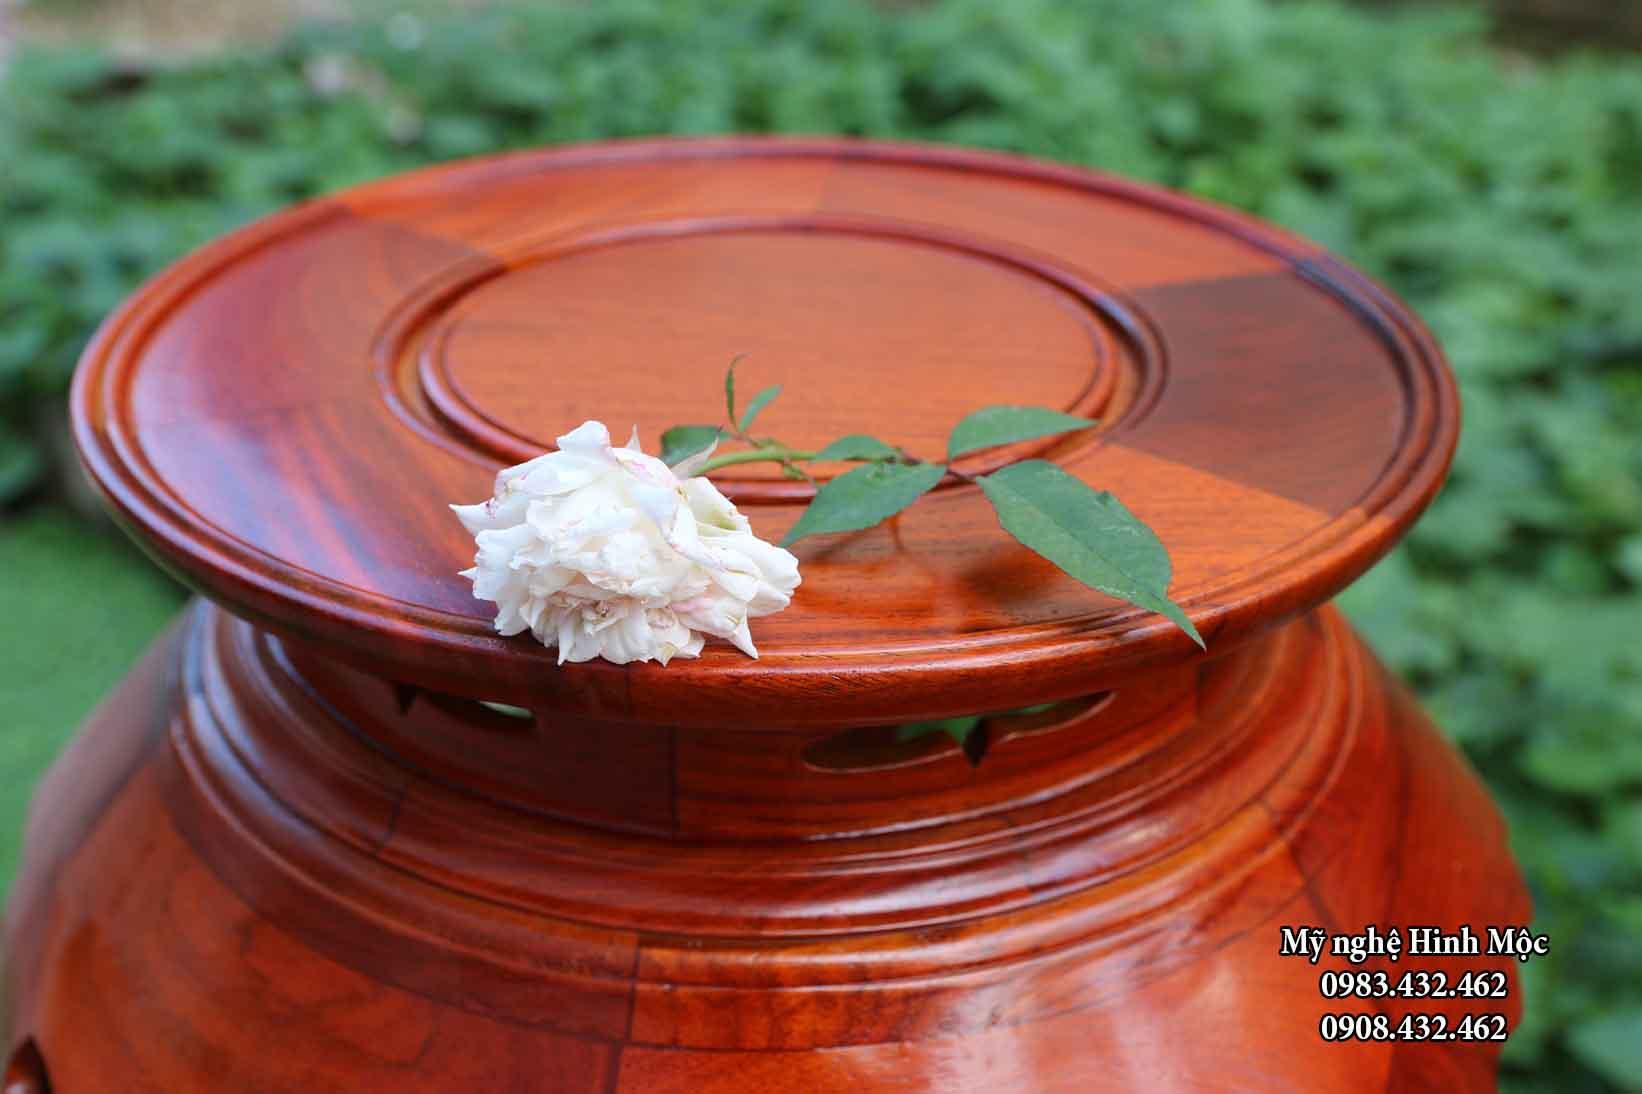 Đôn lá trầu bằng gỗ hương